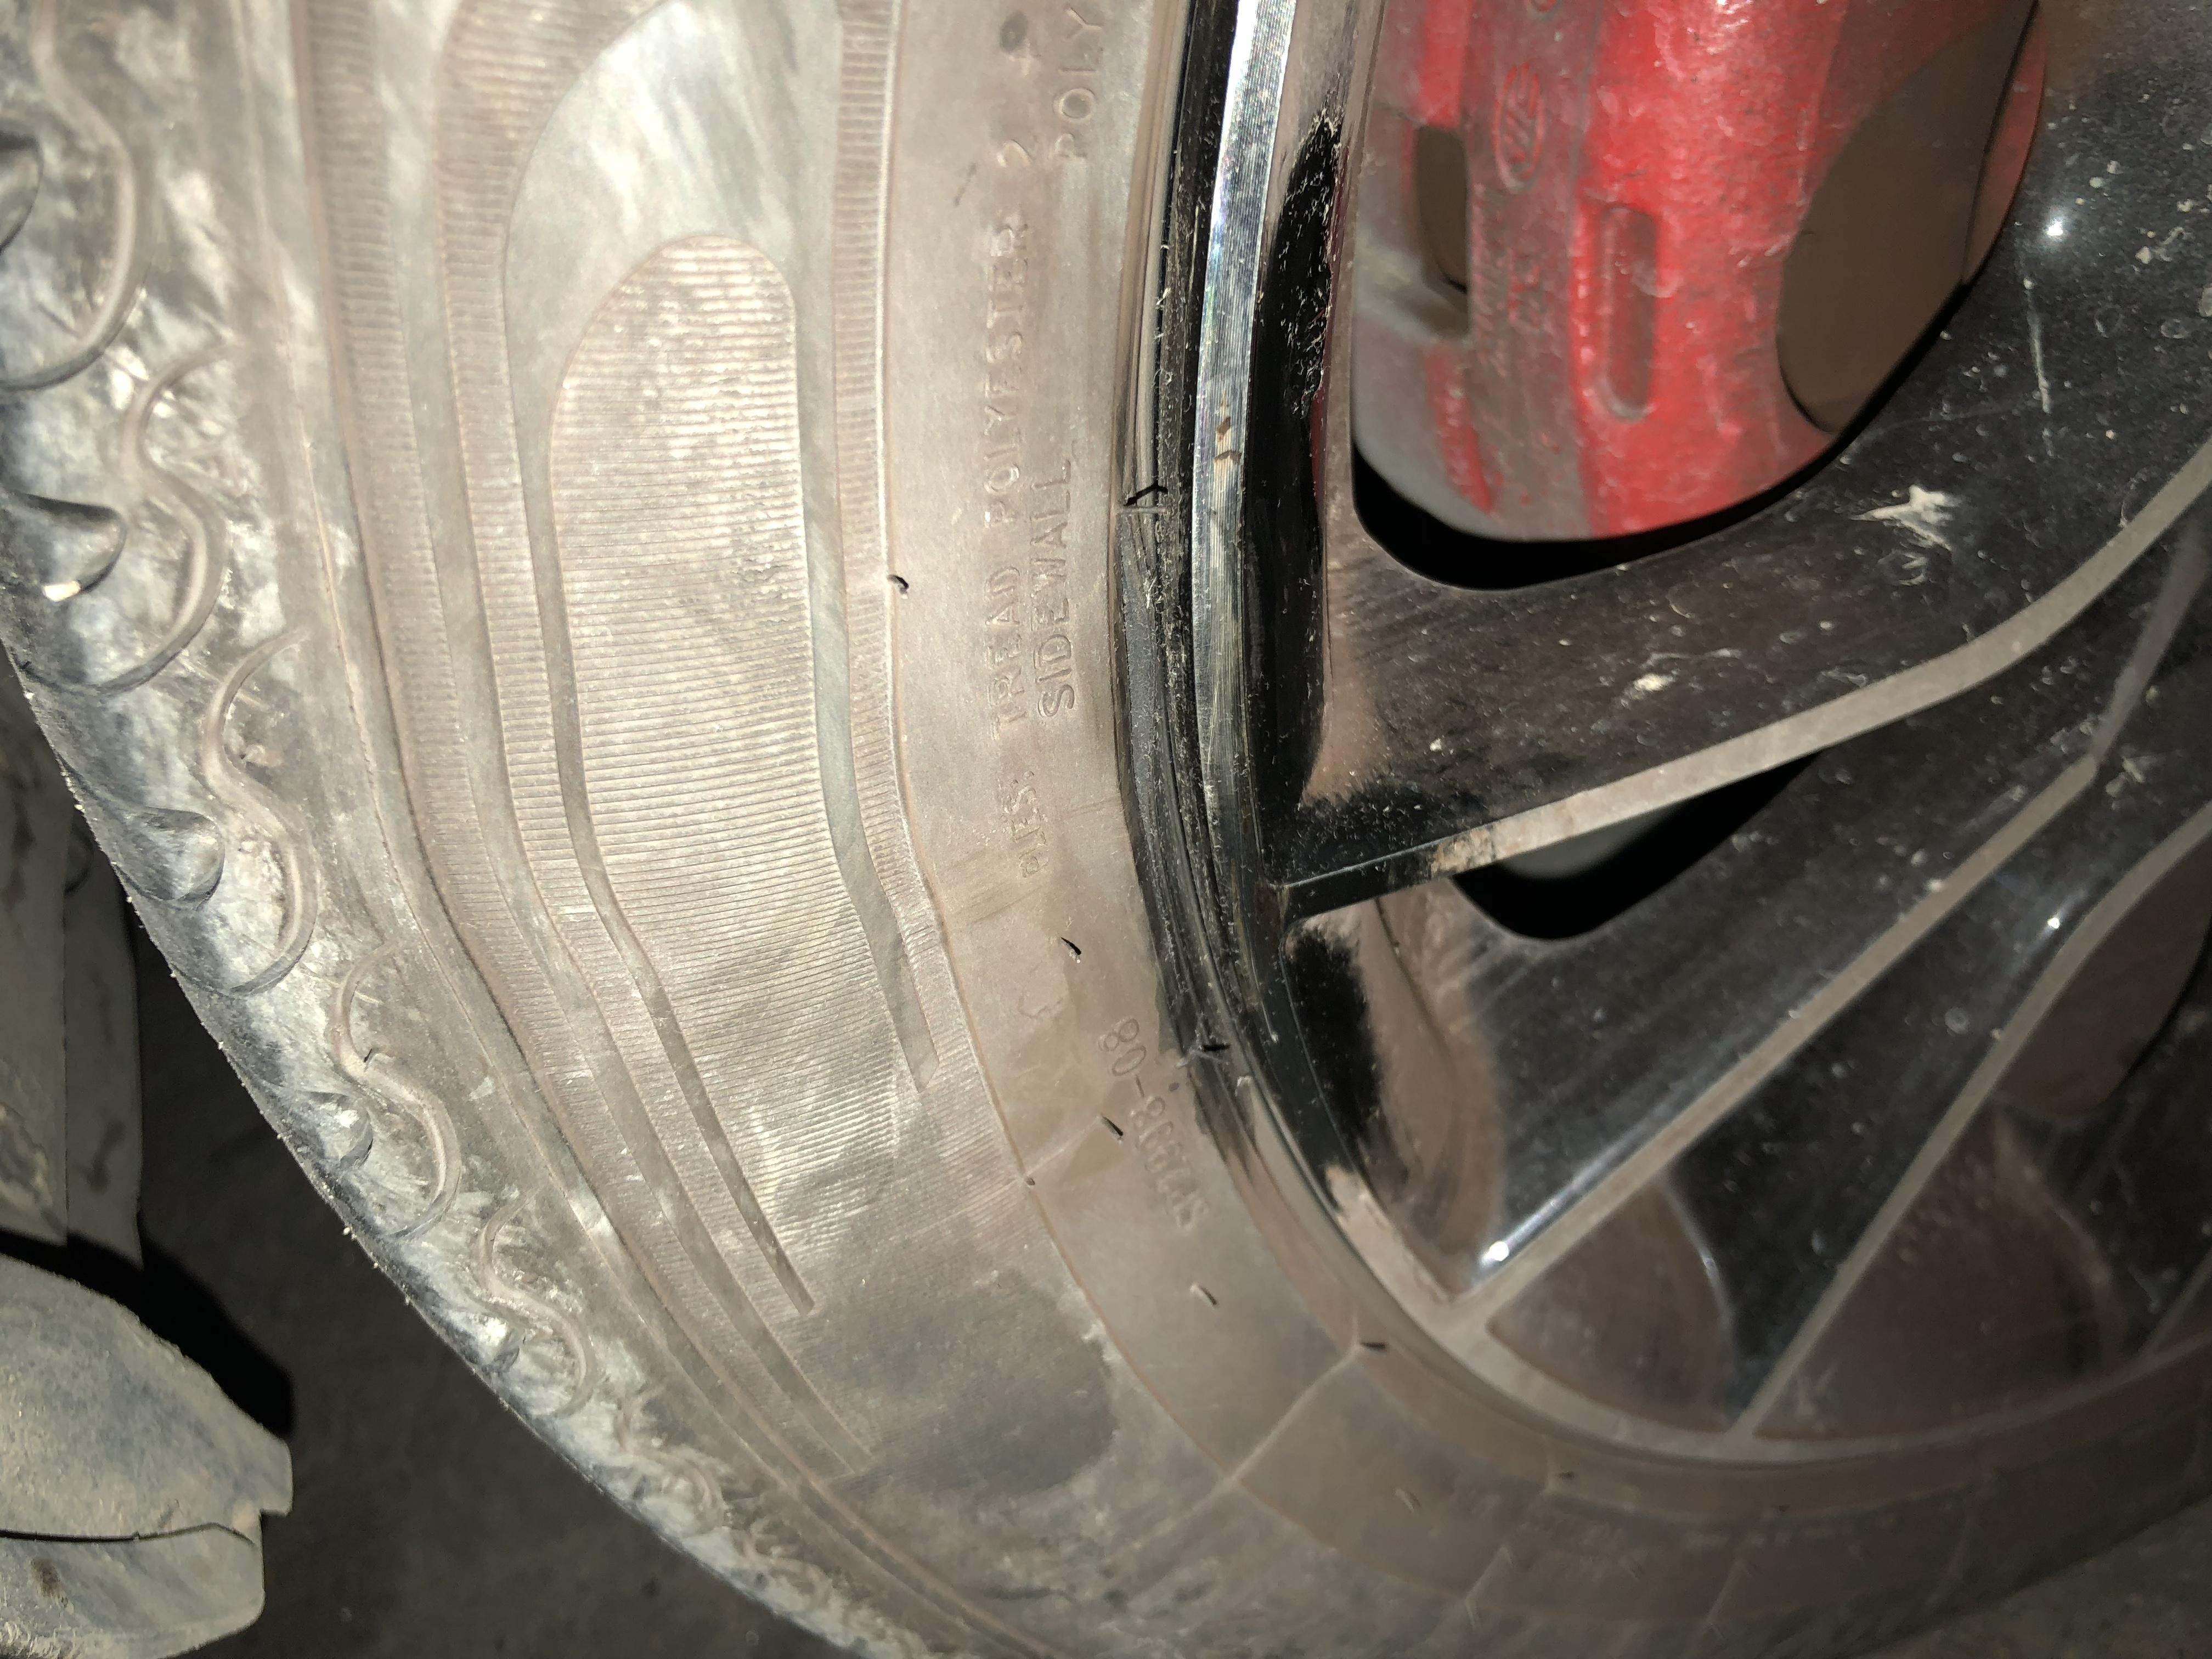 东南-东南DX3 新车不到半年,右前轮佳通轮胎鼓包,4S店未经检测就告知不能索赔